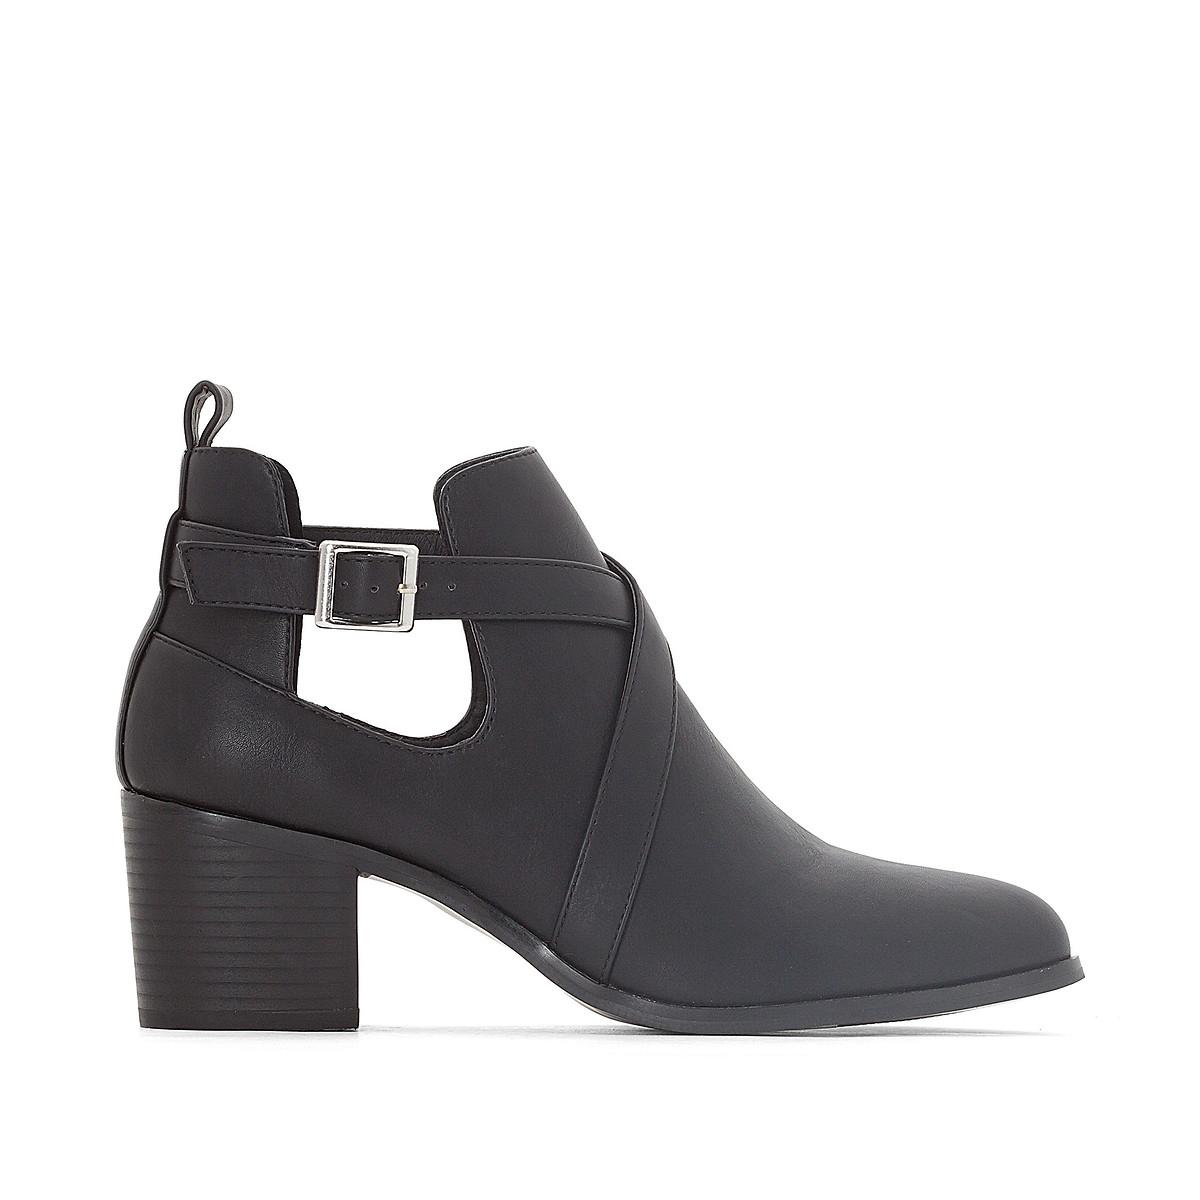 Ботинки LaRedoute Кат-аут на каблуке для широкой стопы размеры 38-45 44 черный балетки laredoute на плоском каблуке для широкой стопы 38 45 43 бежевый